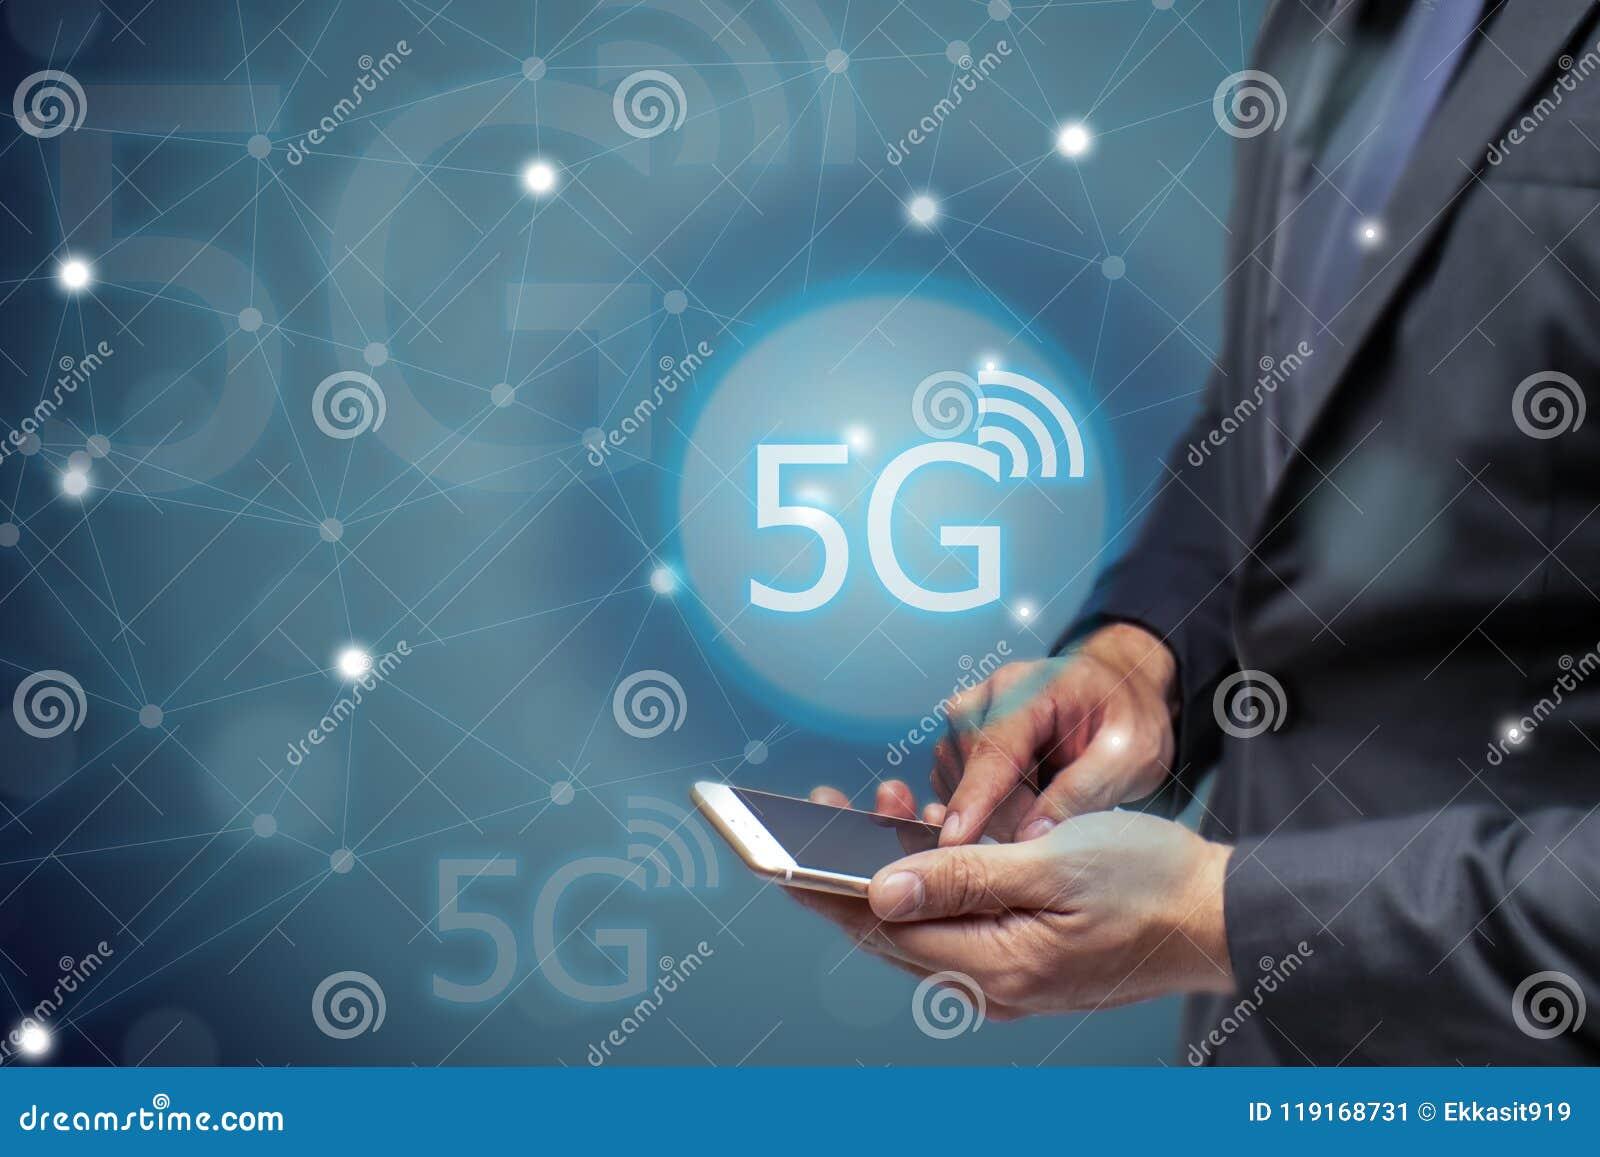 Biznesowy mężczyzna używa telefon komórkowego z 5g sieci technologią bezprzewodową łączyć każdy komunikację, iot rzeczy internet